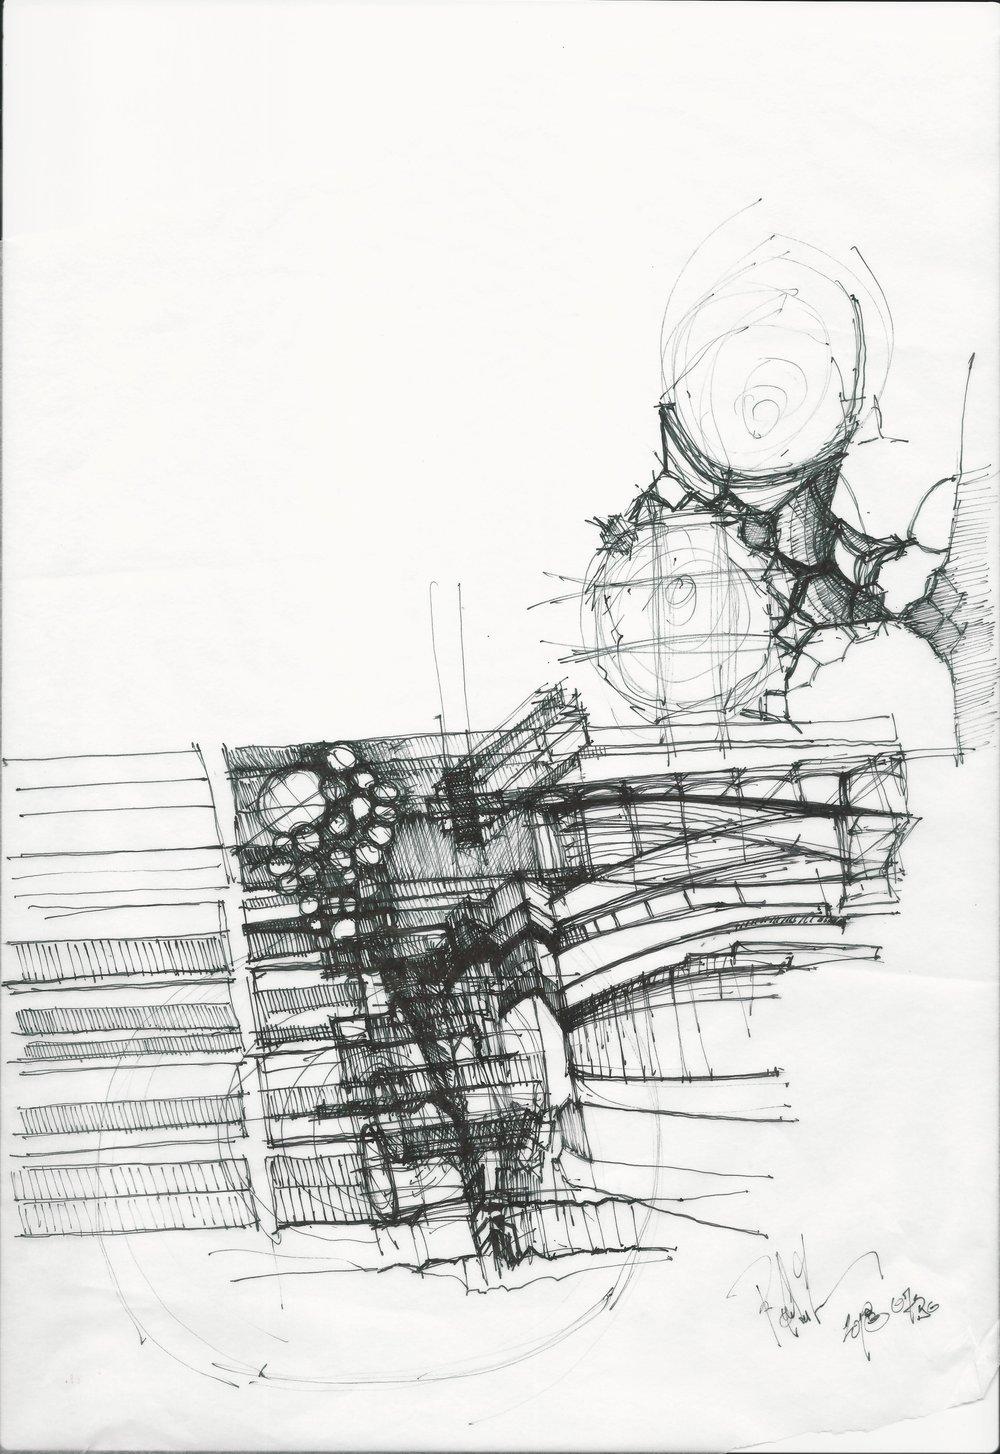 2018 0730 Phone Sketch.jpg